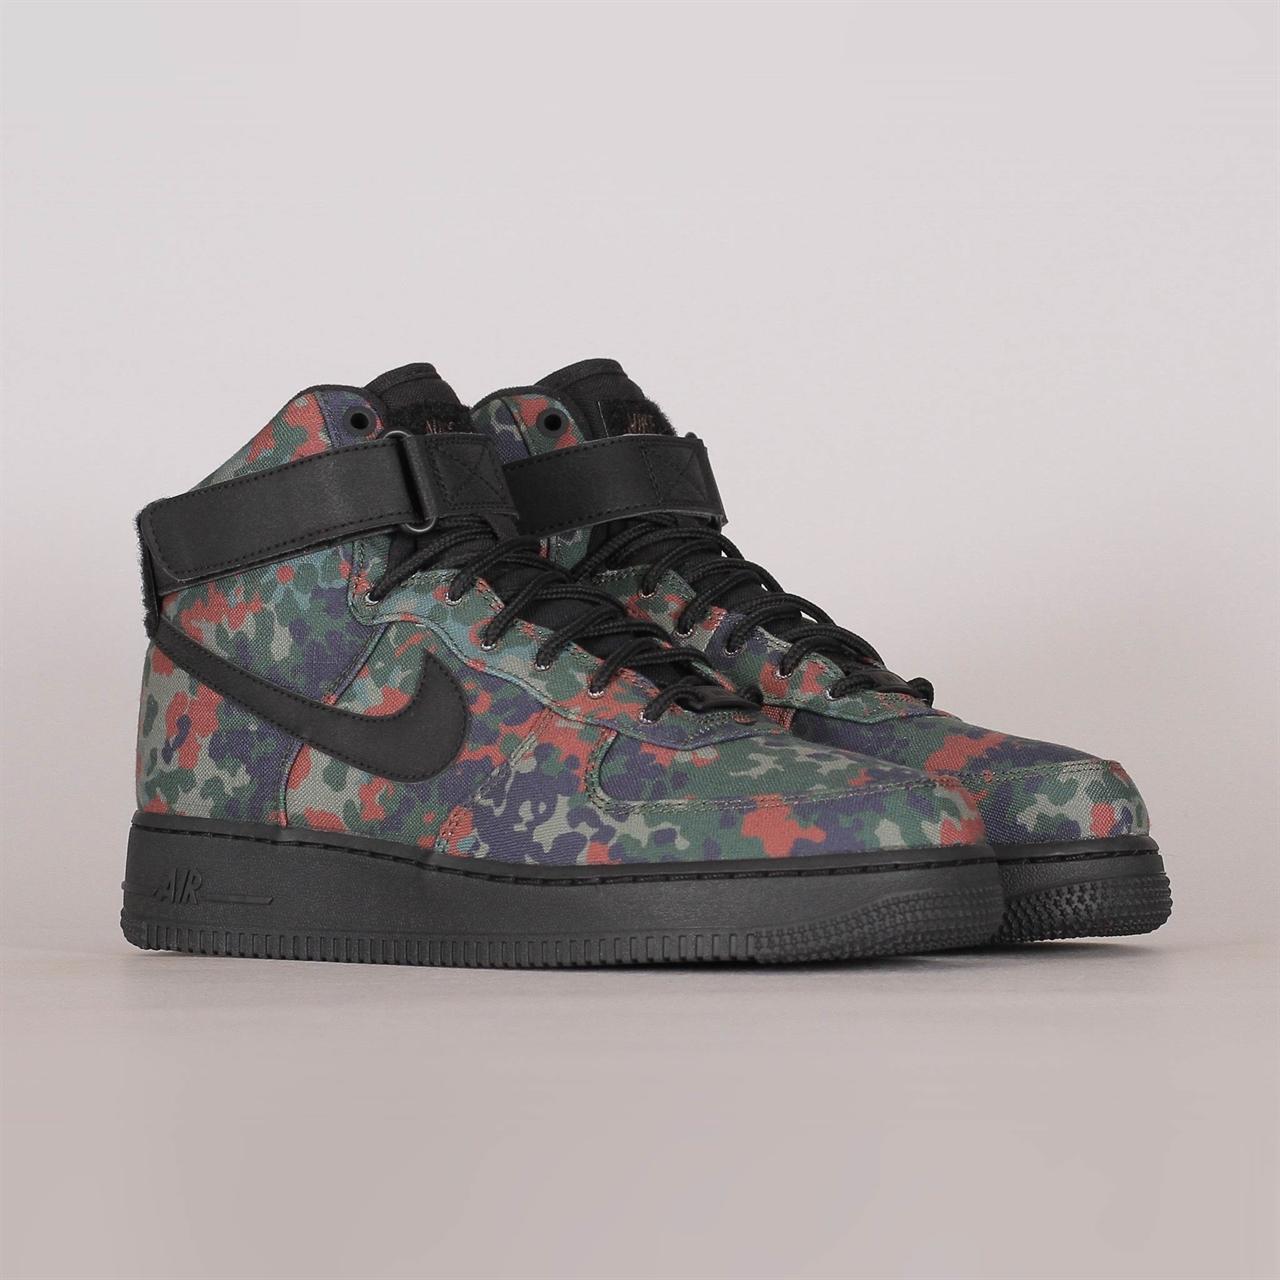 Shelta - Nike Sportswear Air Force 1 High 07 LV8 (BQ1669-300) 78cc255bd2e4